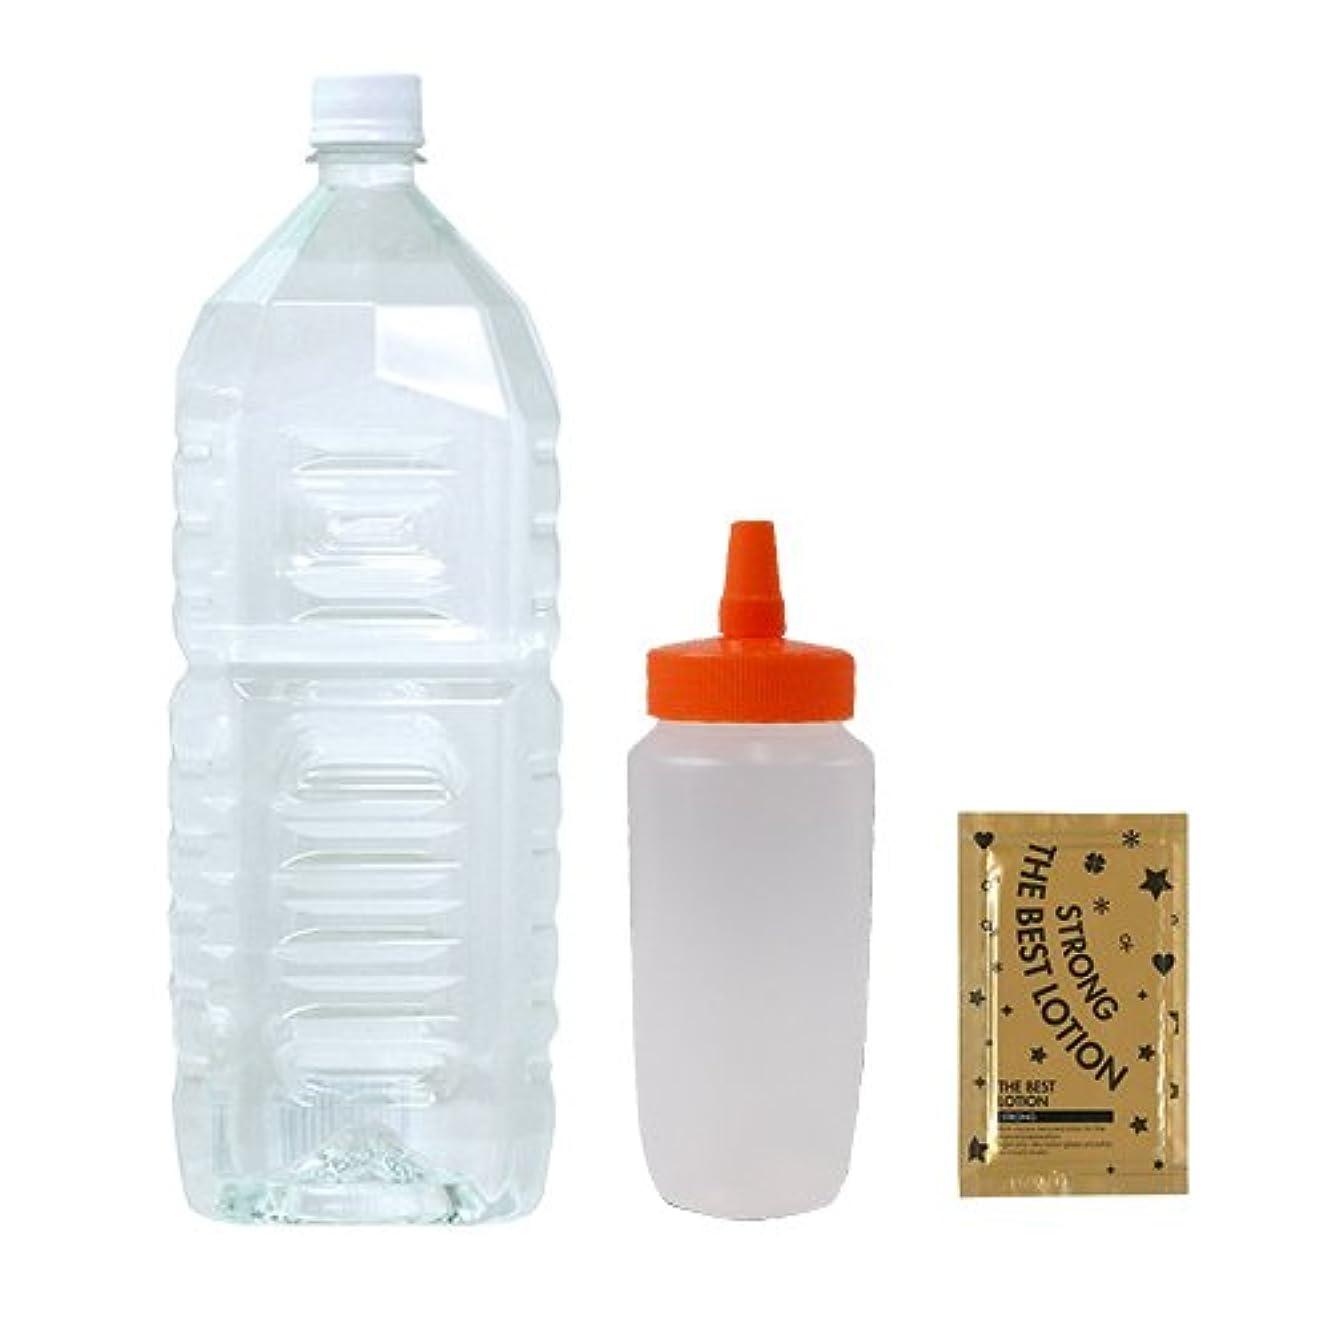 遅い遮るパーティークリアローション 2Lペットボトル ハードタイプ(5倍濃縮原液)+ はちみつ容器360ml(オレンジキャップ)+ ベストローションストロング 1包付き セット